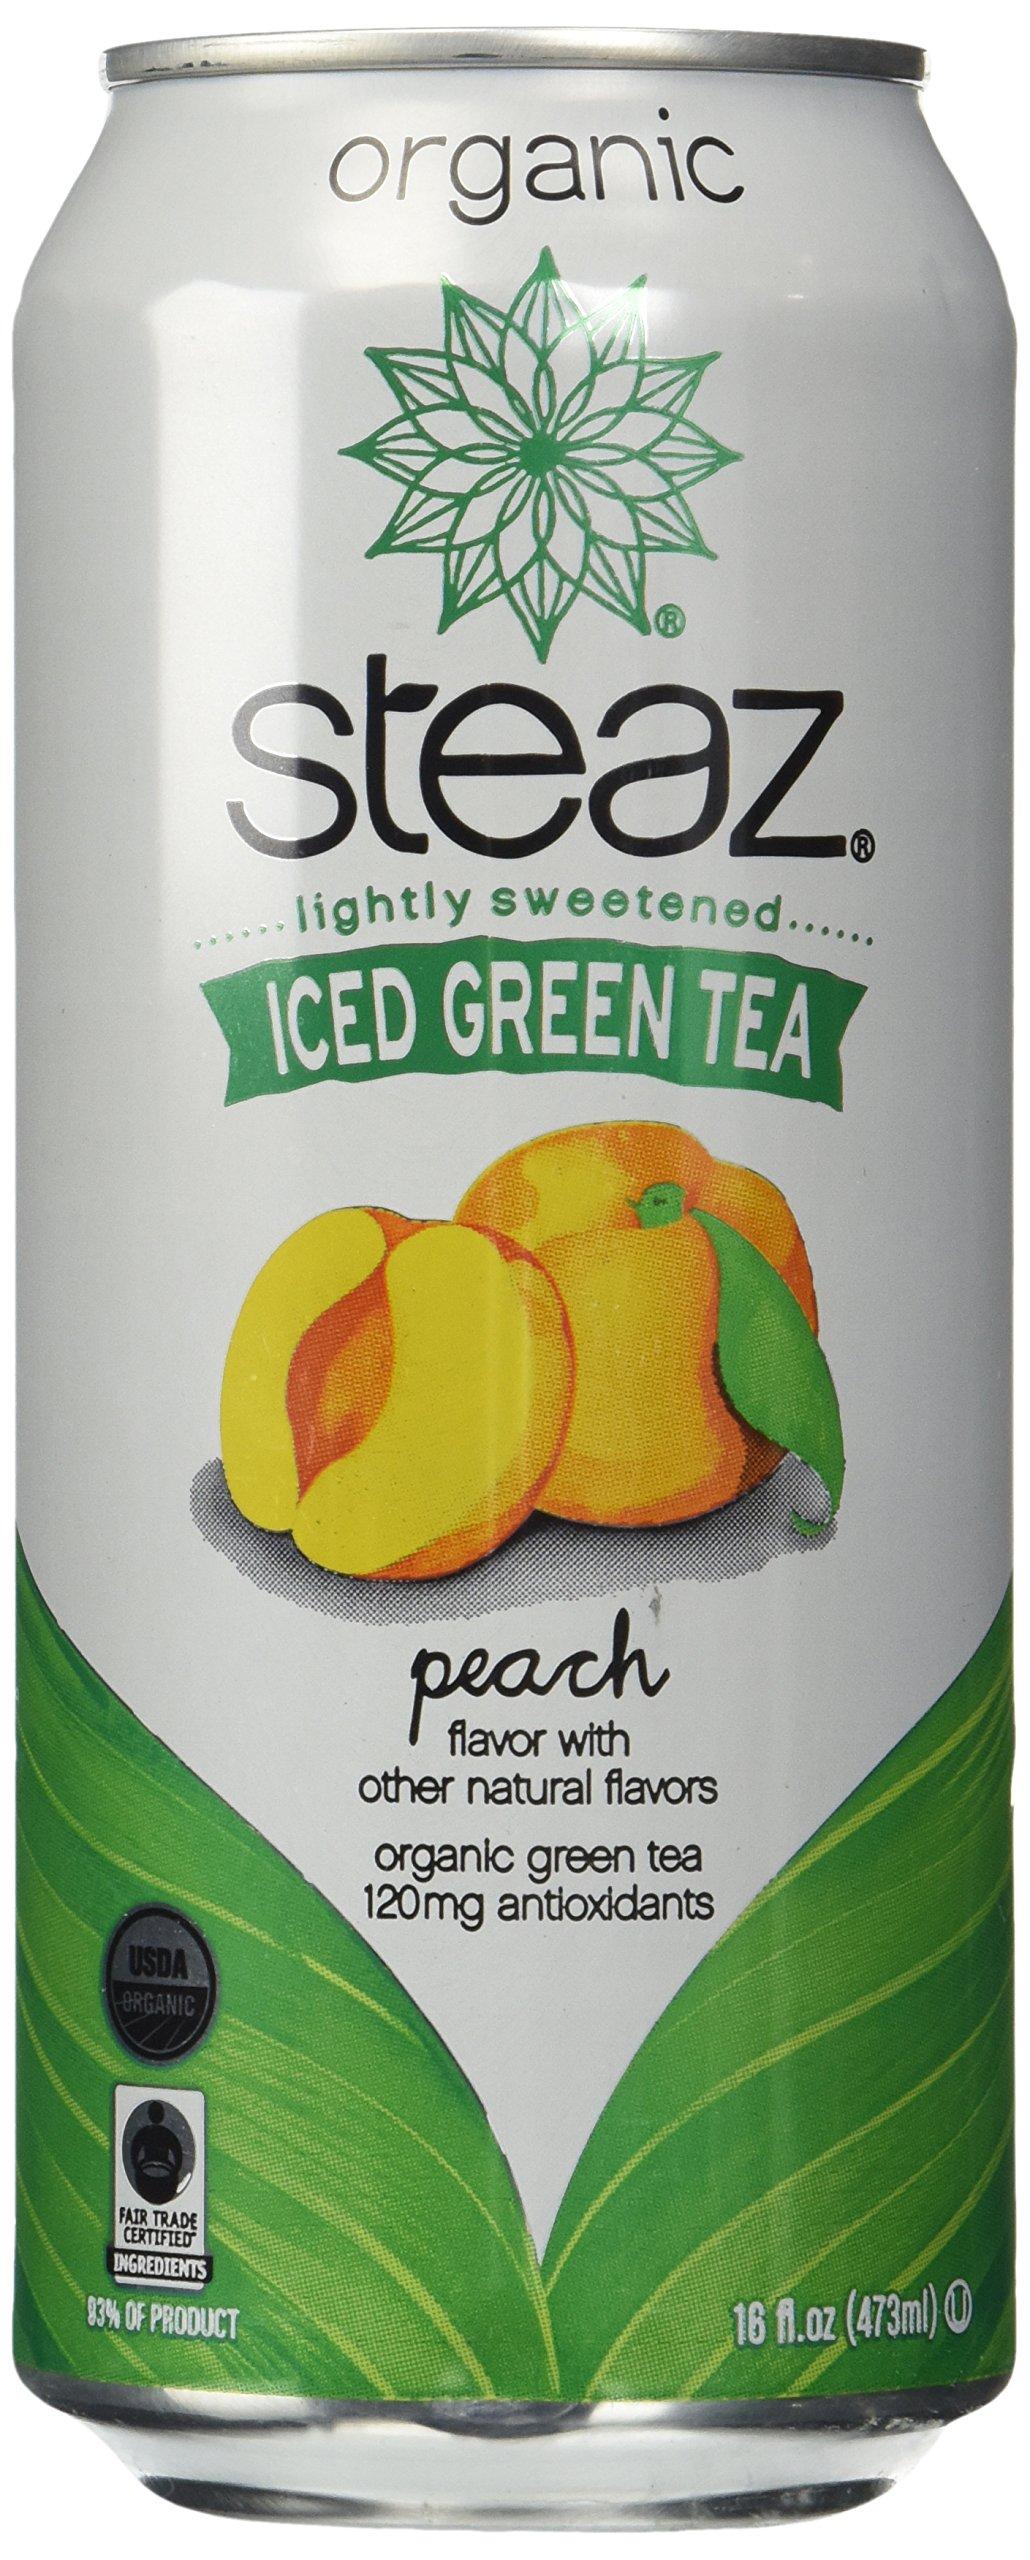 Steaz Organic Iced Teaz, Green Tea with Peach, 16 oz Cans, 12 pk